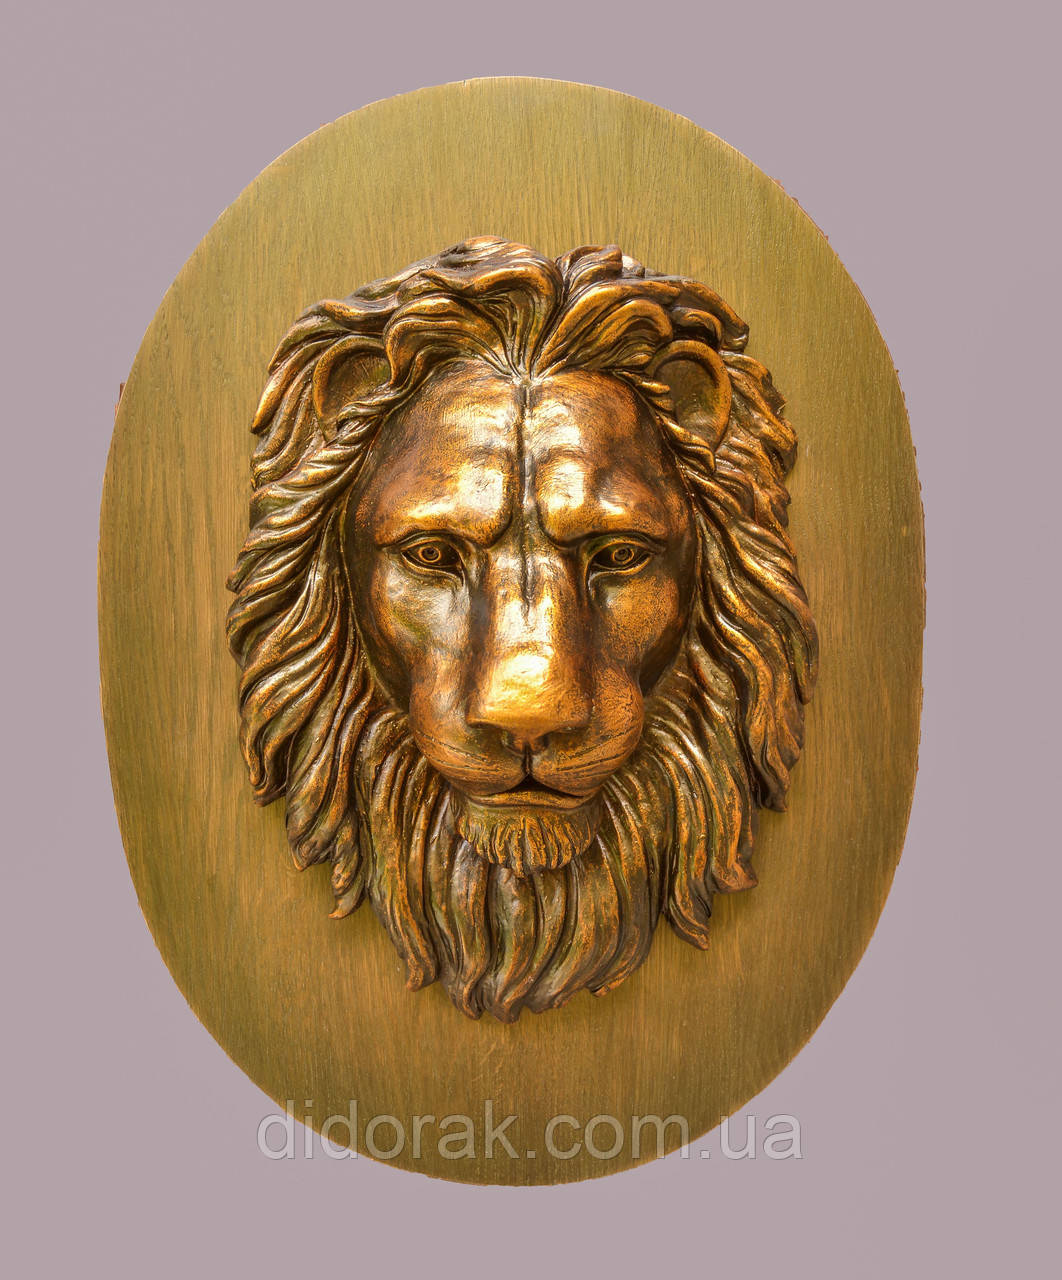 Настенный декор - большая голова льва - Art Studio Didorak в Ивано-Франковской области